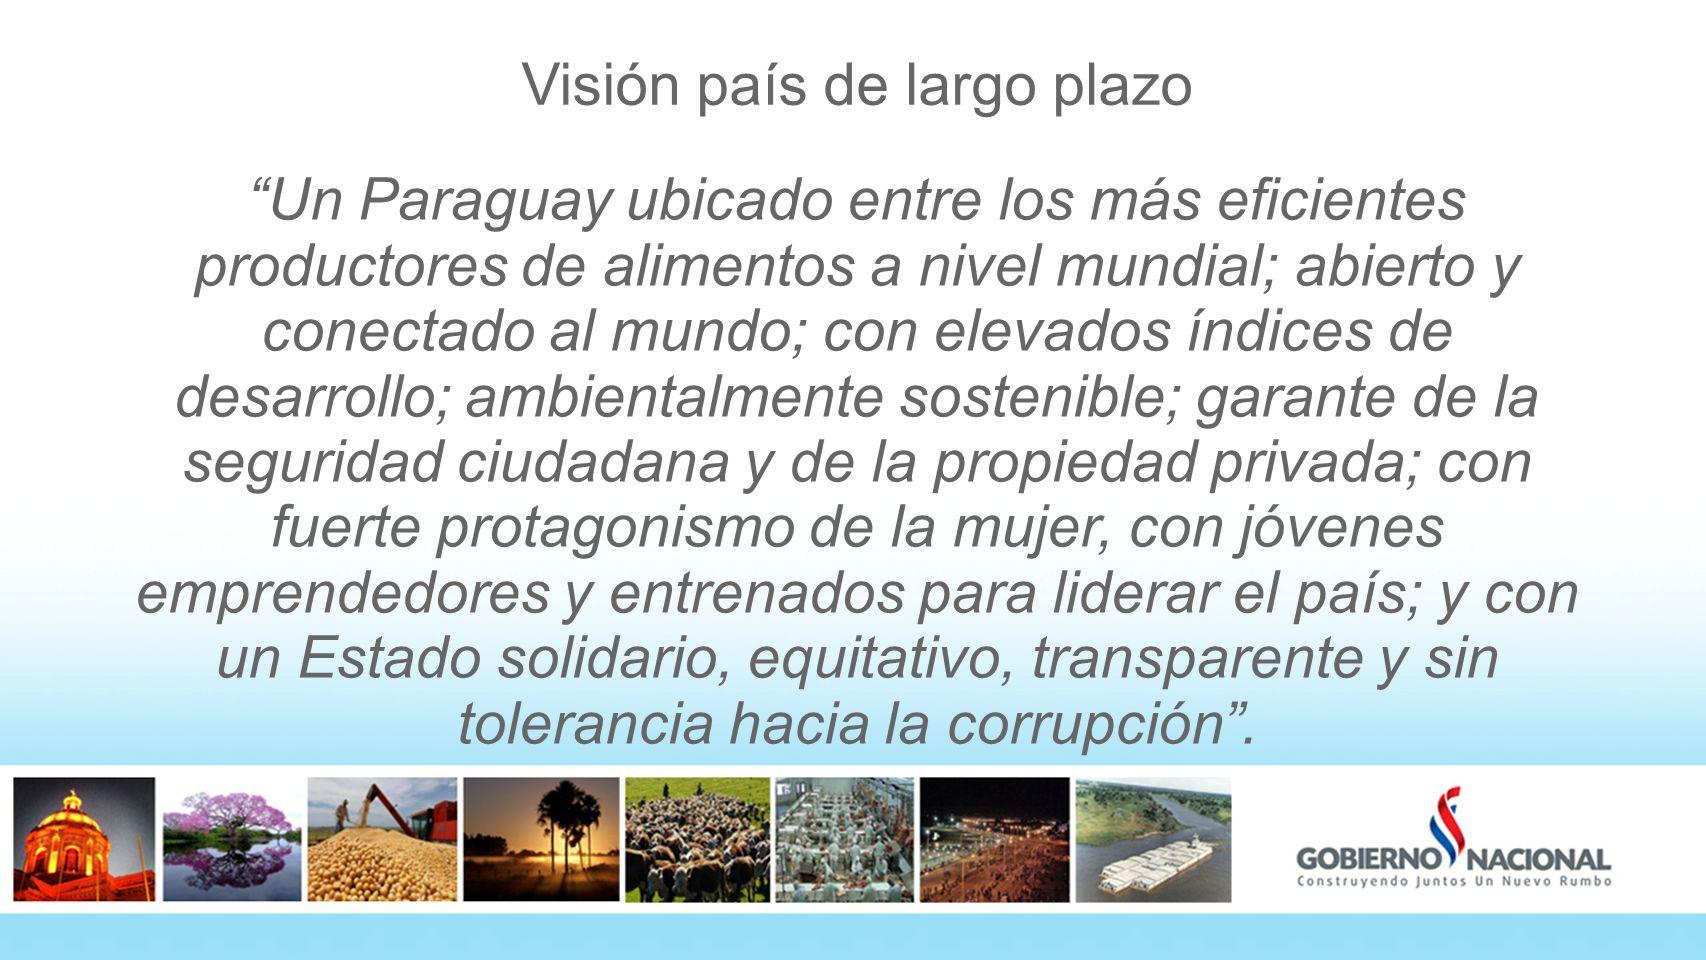 Visión país de largo plazo Un Paraguay ubicado entre los más eficientes productores de alimentos a nivel mundial; abierto y conectado al mundo; con elevados índices de desarrollo; ambientalmente sostenible; garante de la seguridad ciudadana y de la propiedad privada; con fuerte protagonismo de la mujer, con jóvenes emprendedores y entrenados para liderar el país; y con un Estado solidario, equitativo, transparente y sin tolerancia hacia la corrupción.